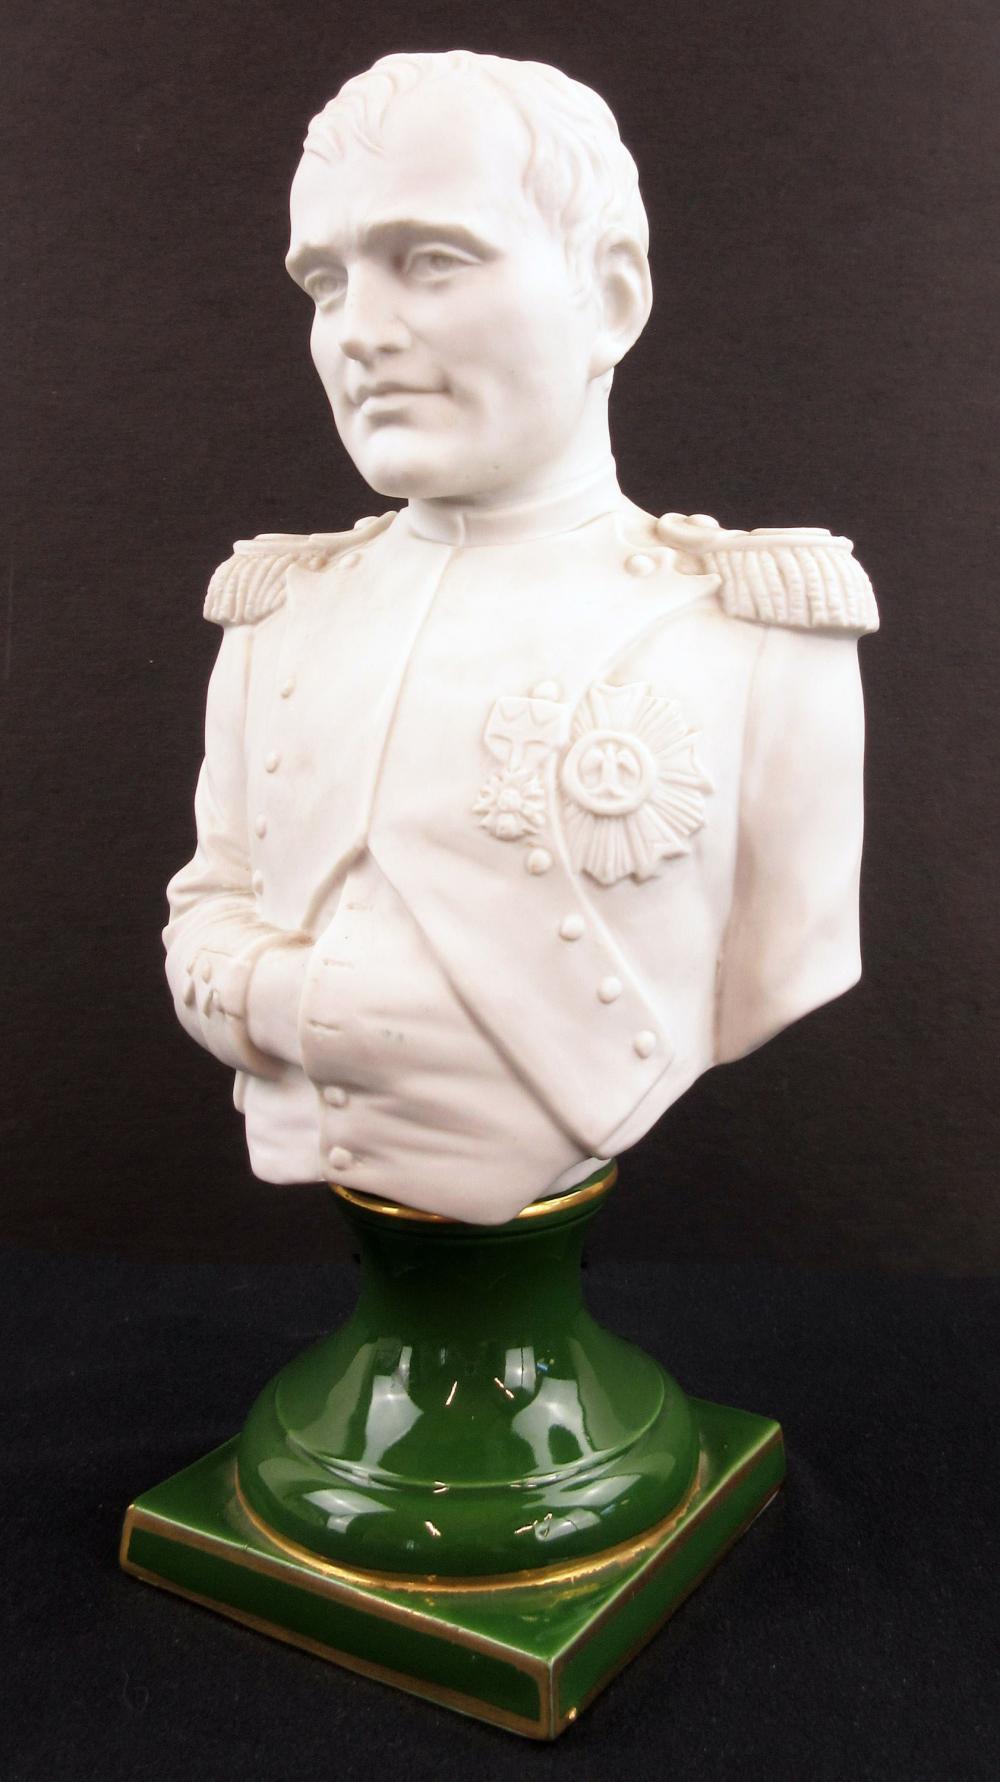 Napoleon Bonaparte Bisque Porcelain Bust after Jacques-Louis David Portrait